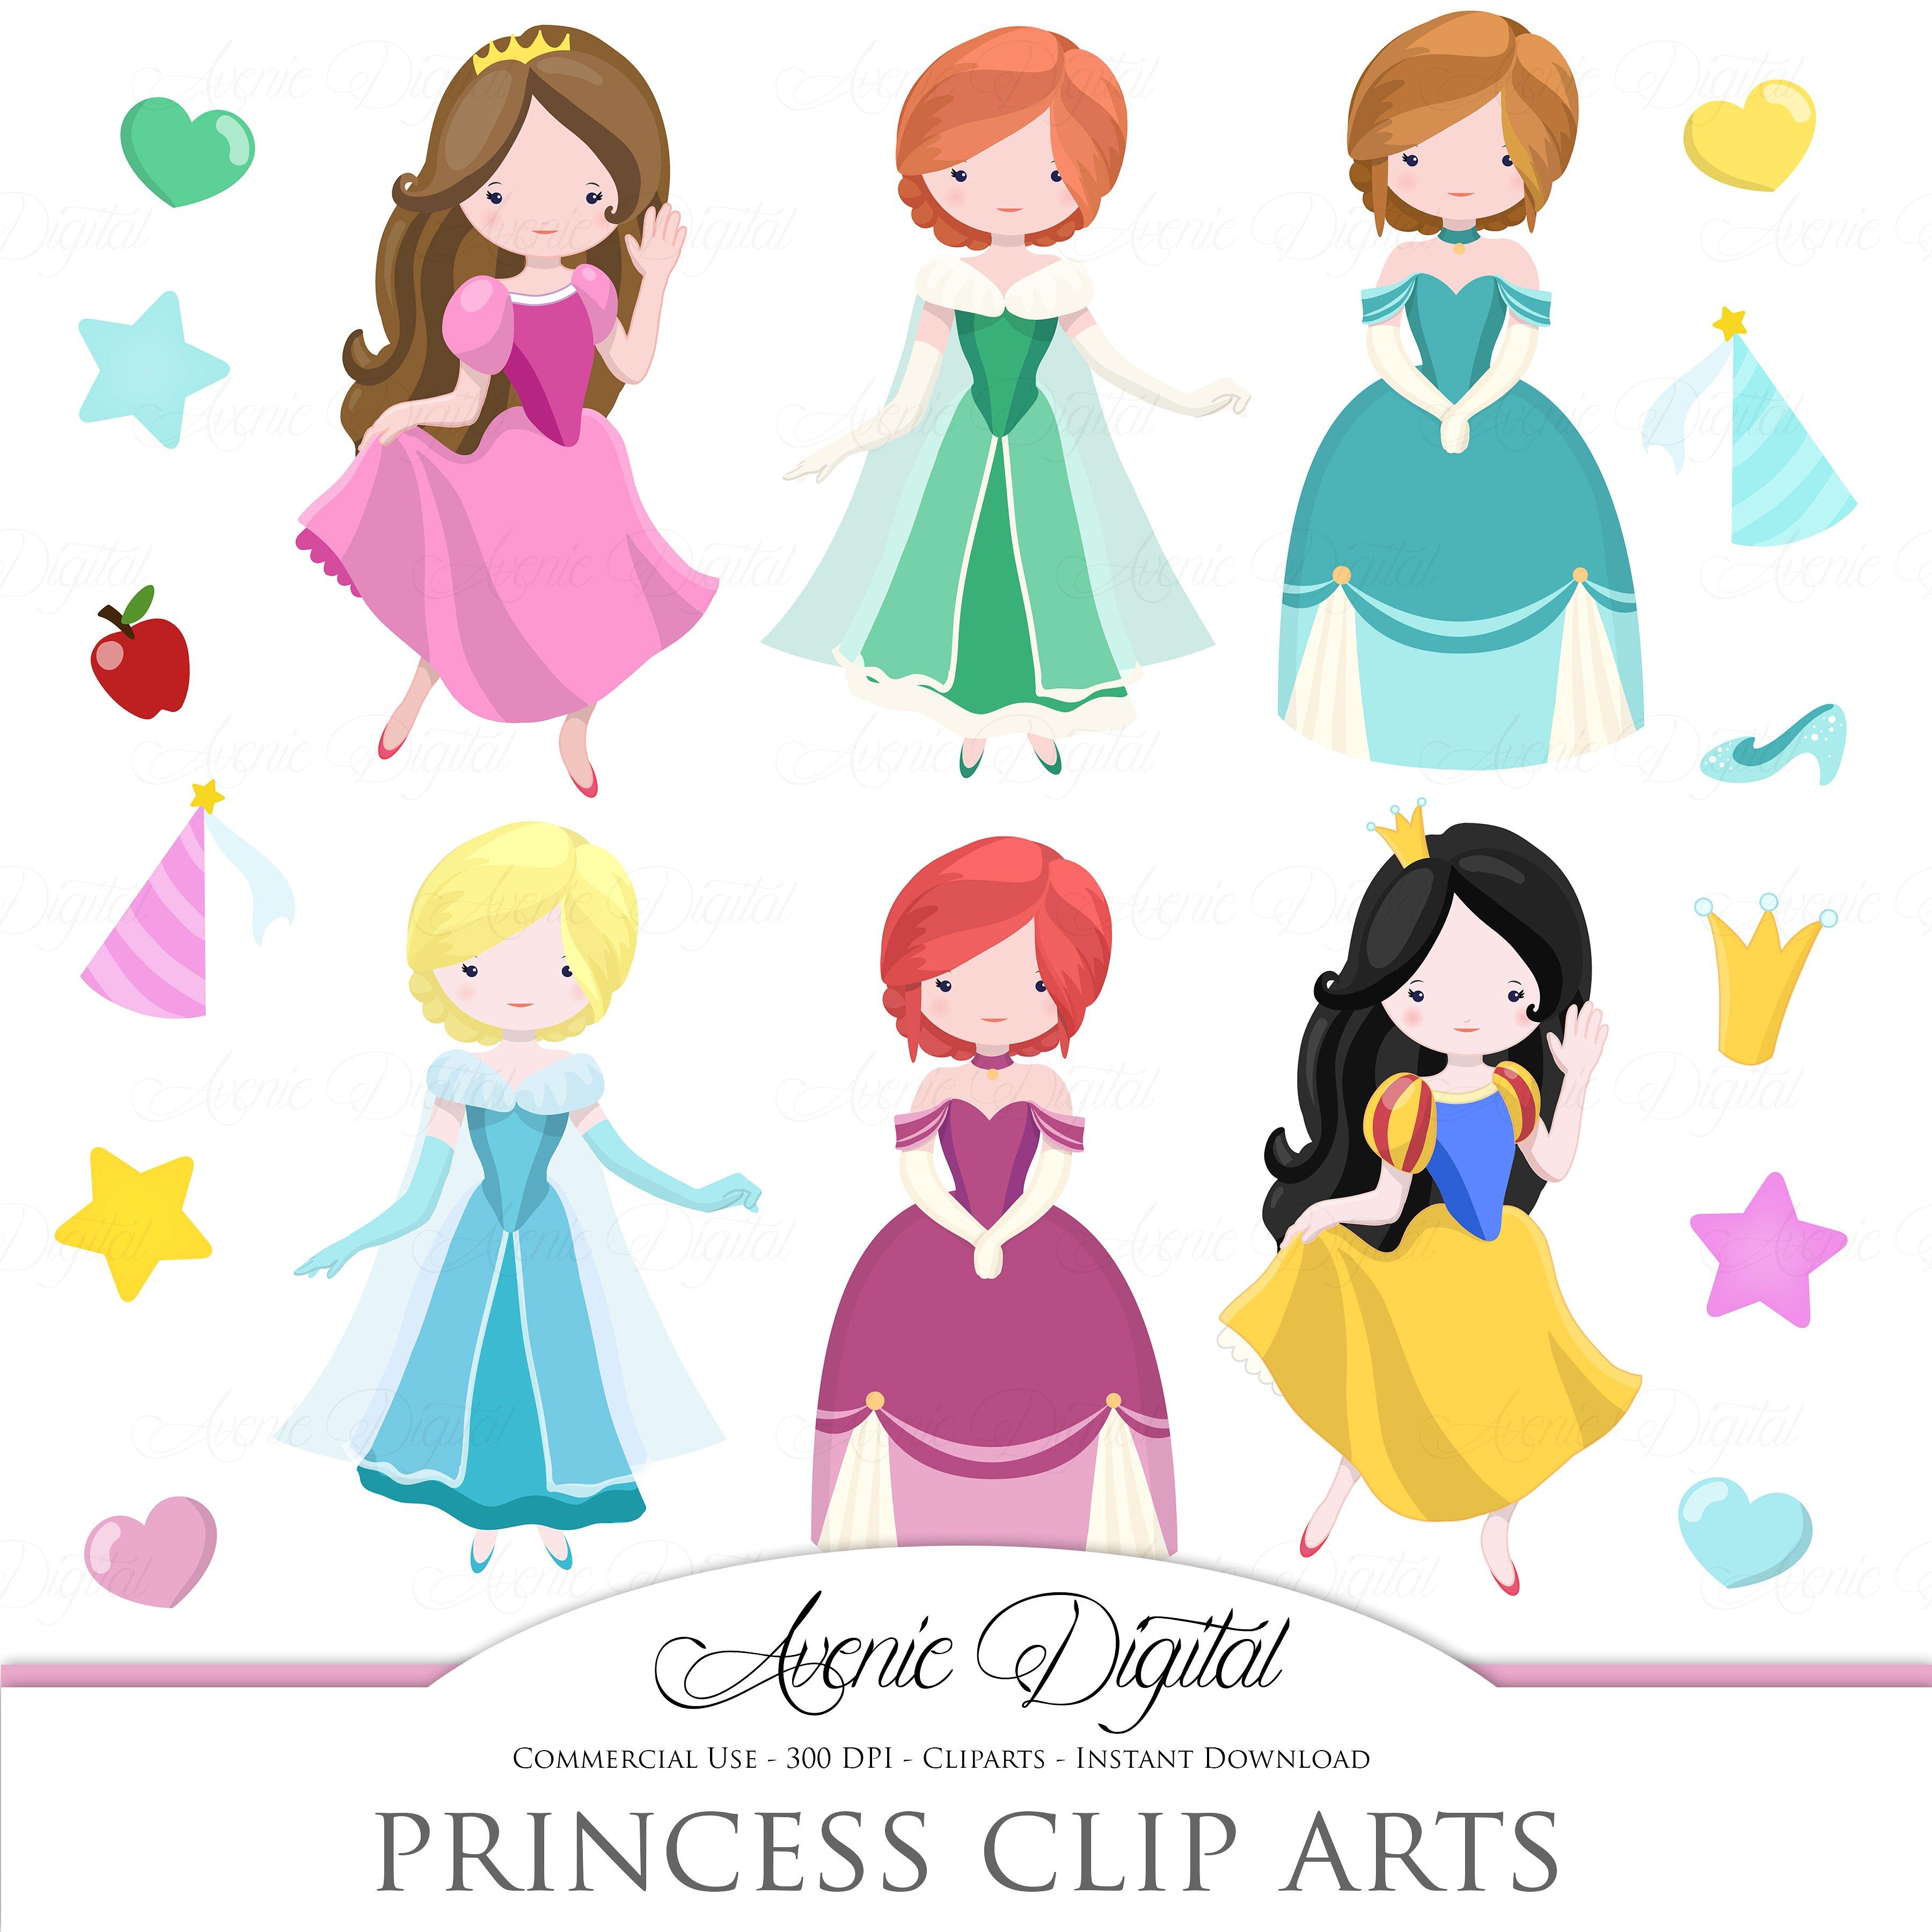 Princess clipart. Fairytale clip art vector